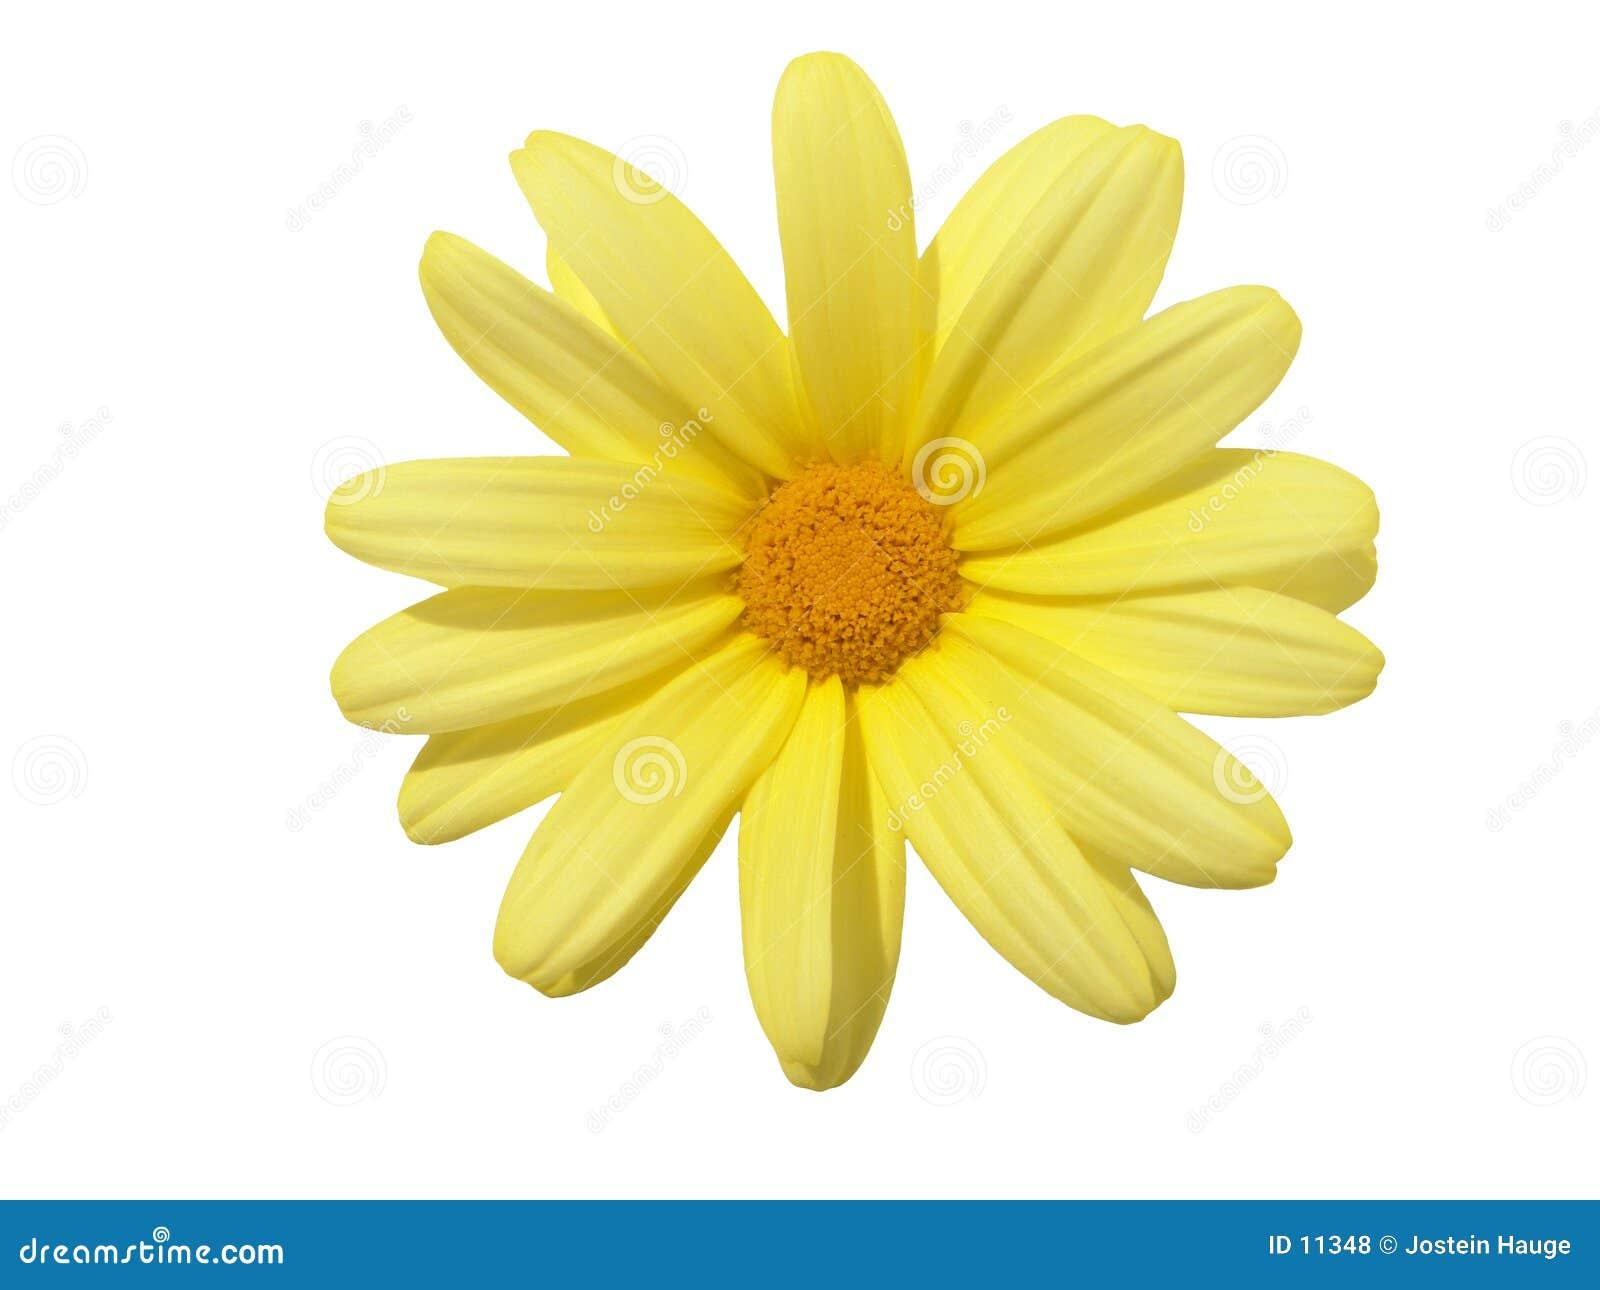 Elementi di disegno: Testa di fiore